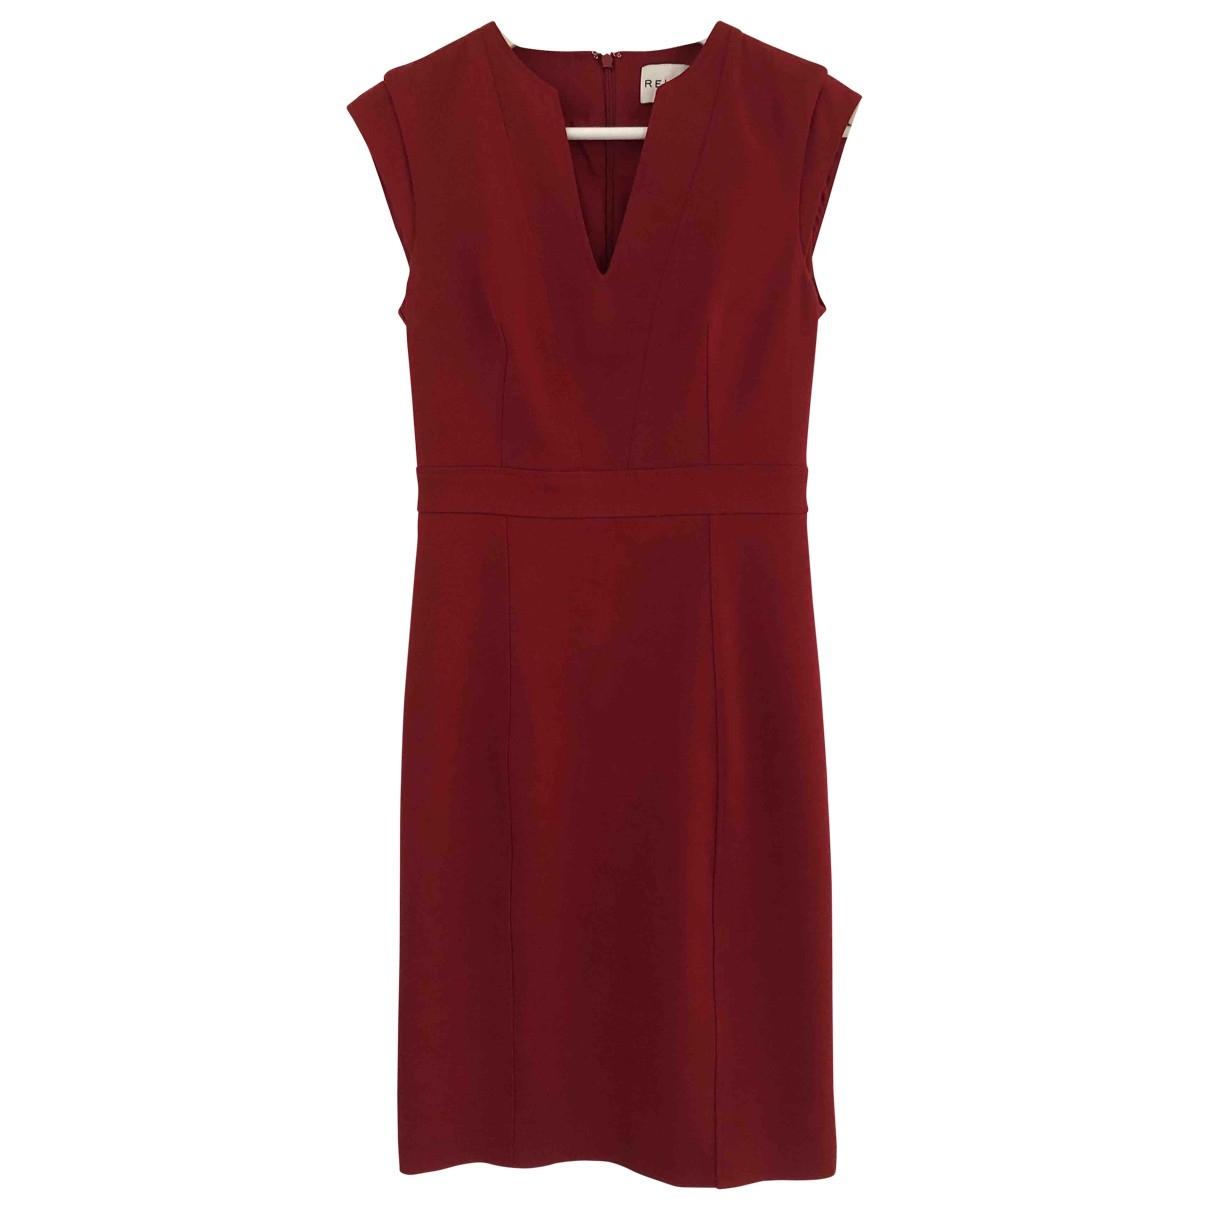 Reiss \N Red dress for Women 8 UK